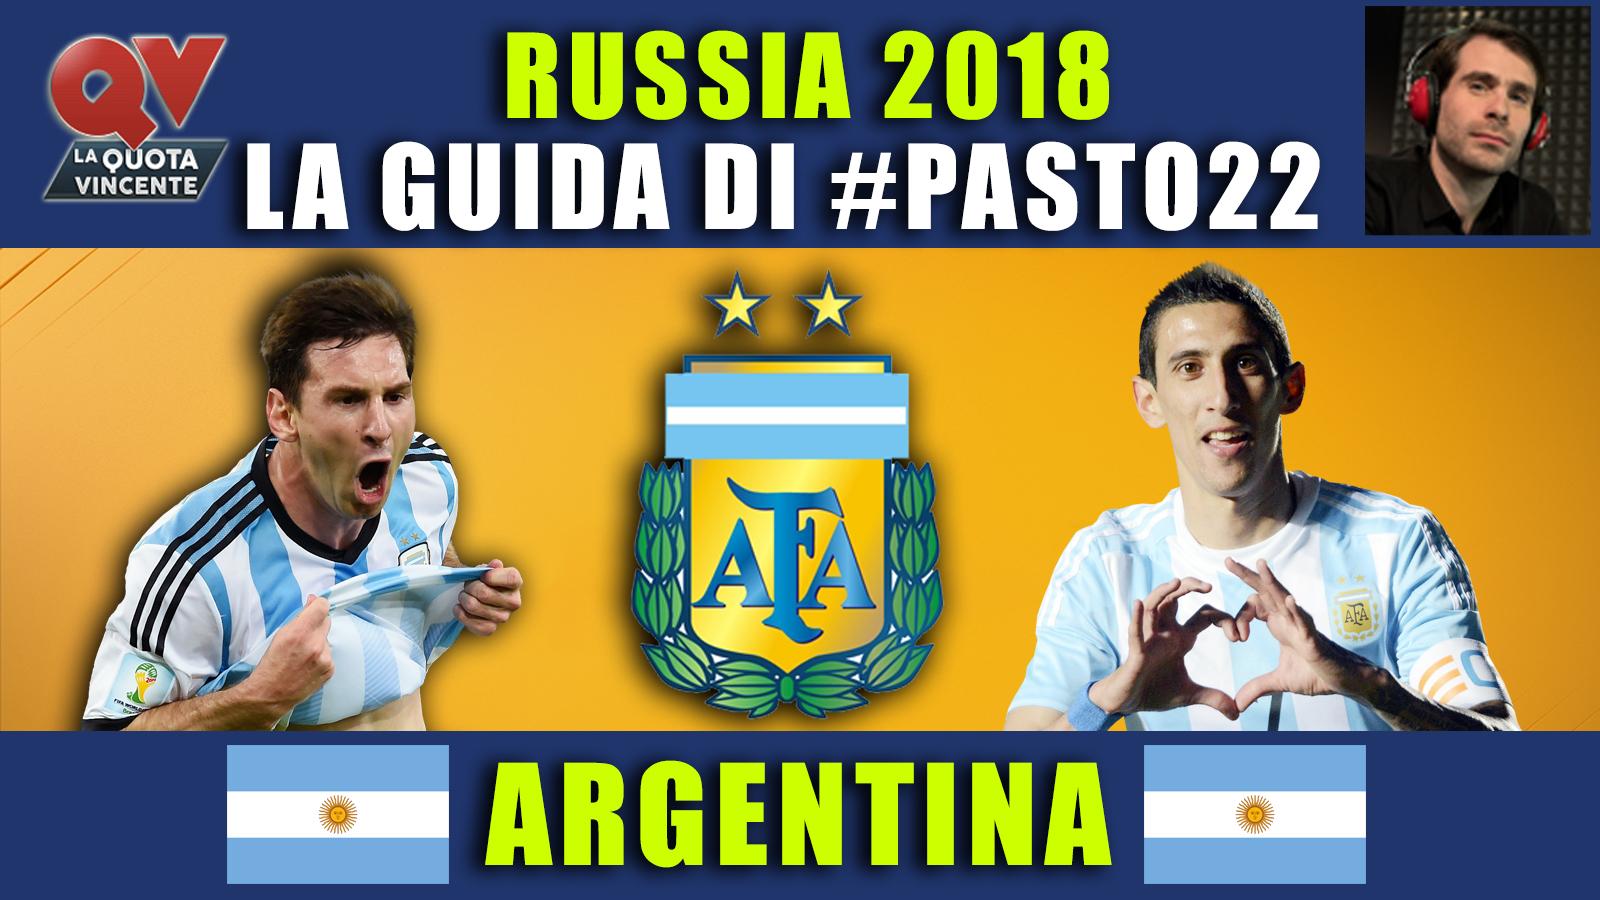 Guida Mondiali Russia 2018 Argentina